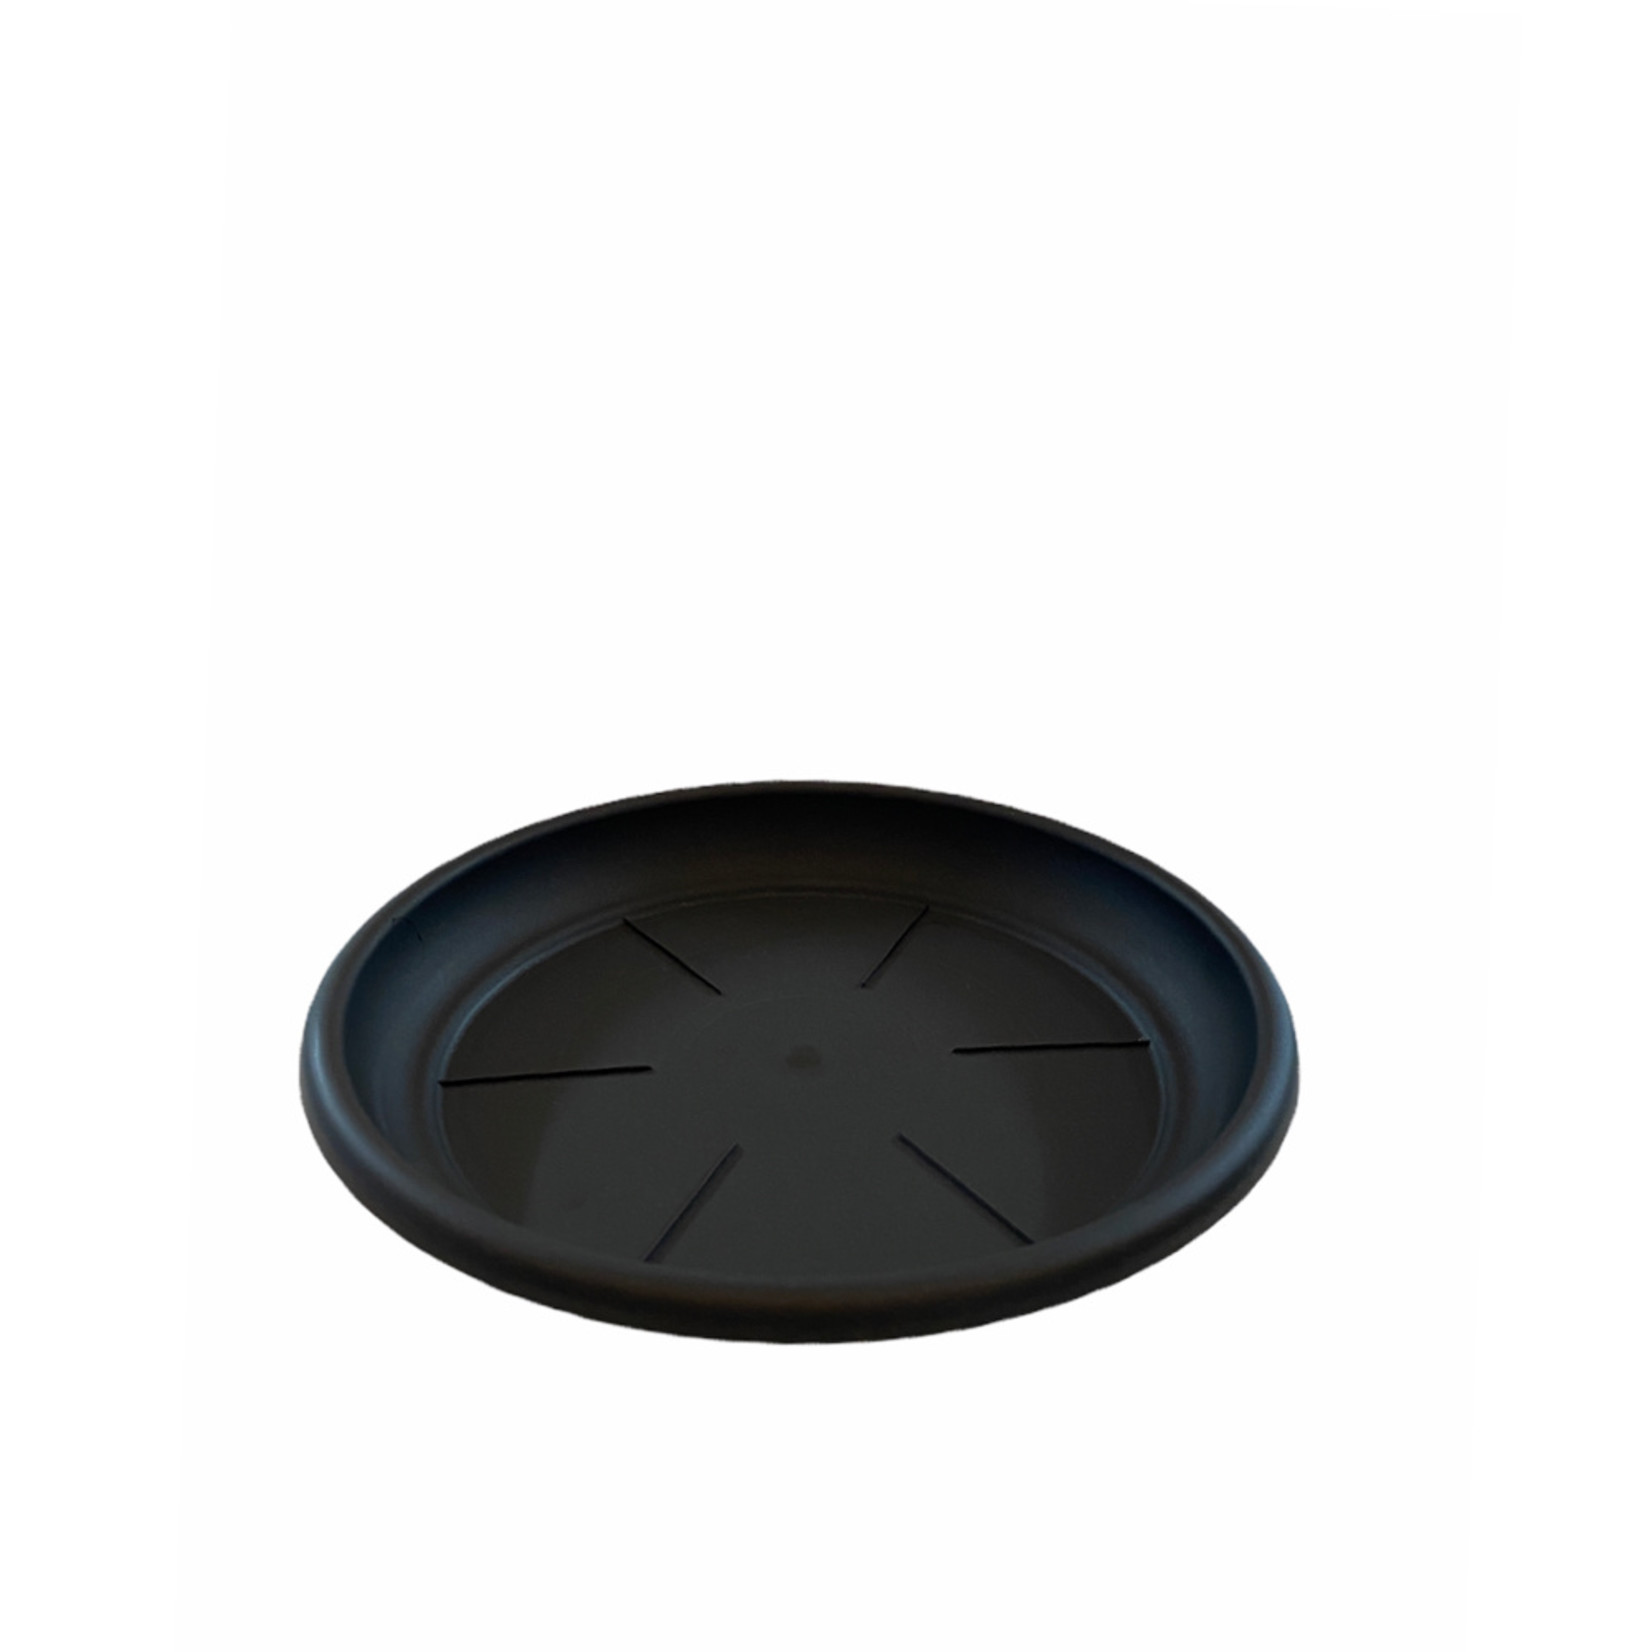 Teraplast Sottovaso, Antracite 18cm